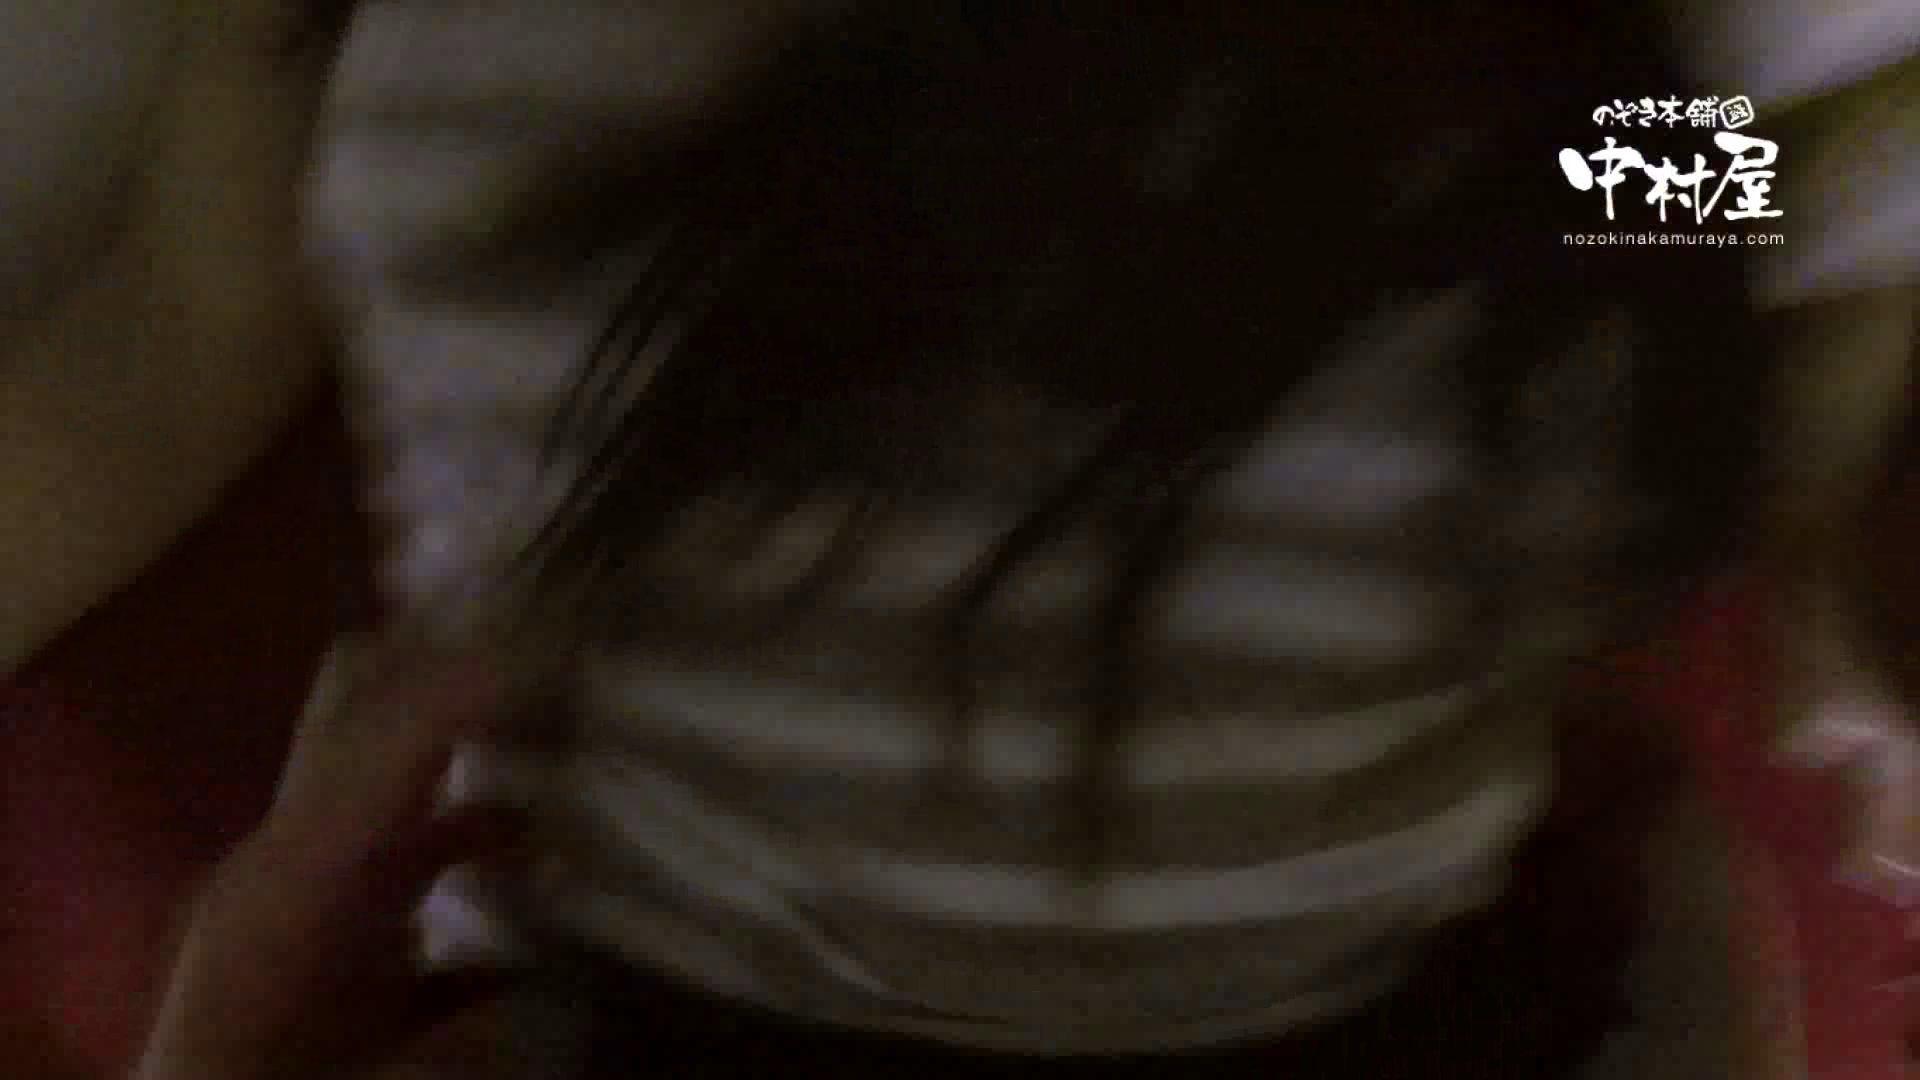 鬼畜 vol.05 誰にも言うなよ! はぃ… 前編 OLのエロ生活  55連発 14